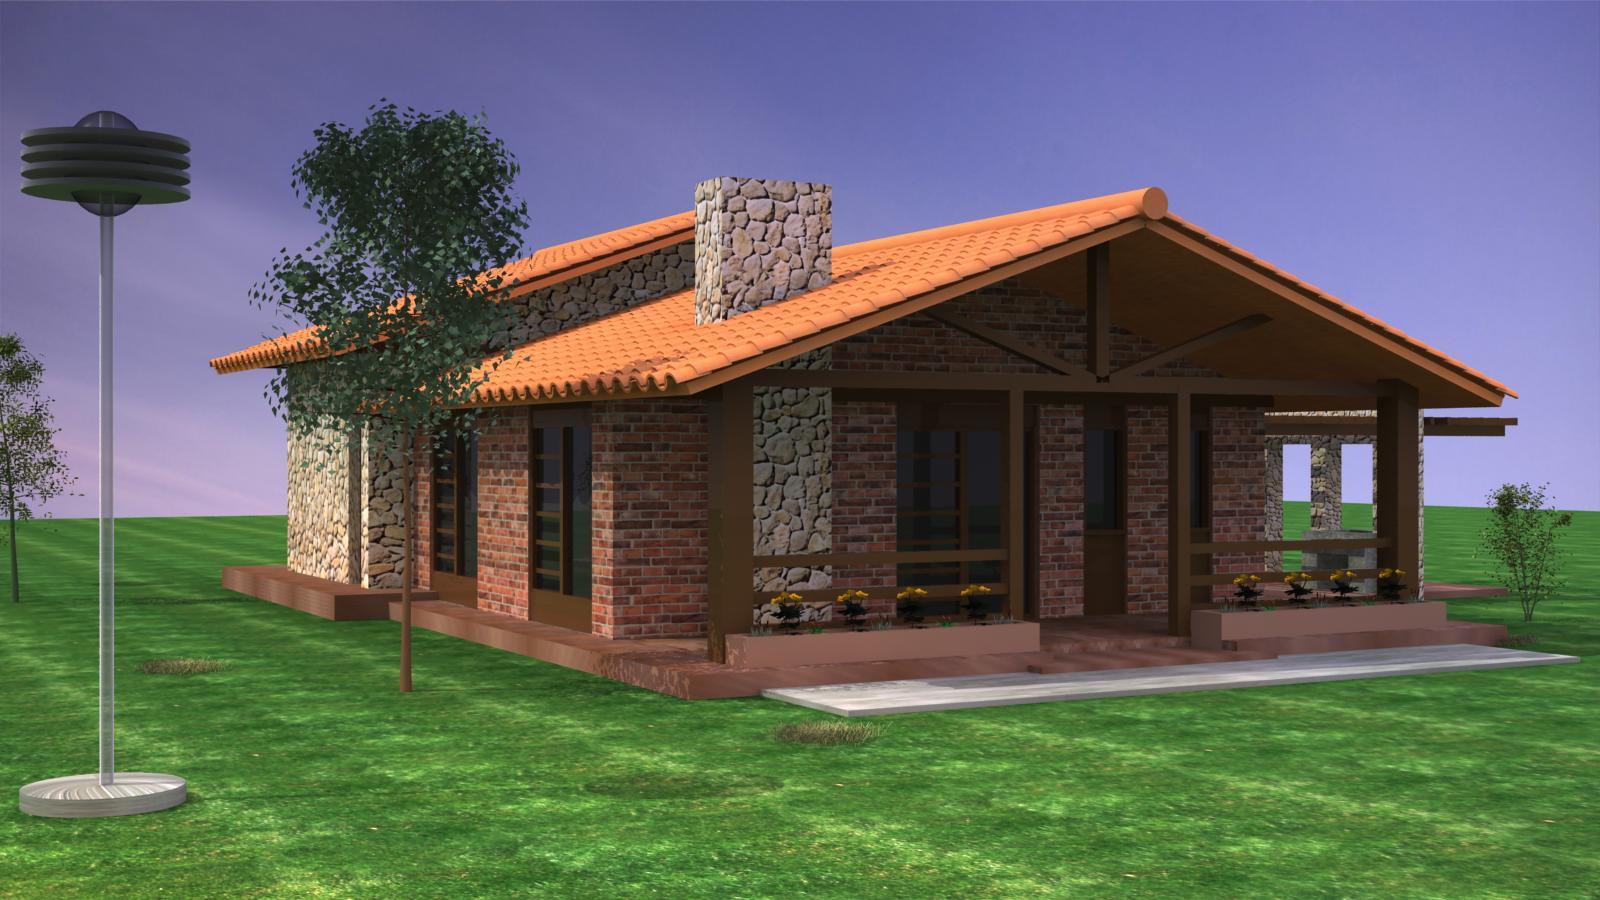 Lost studio casas de campo for Casas de campo modernas minimalistas